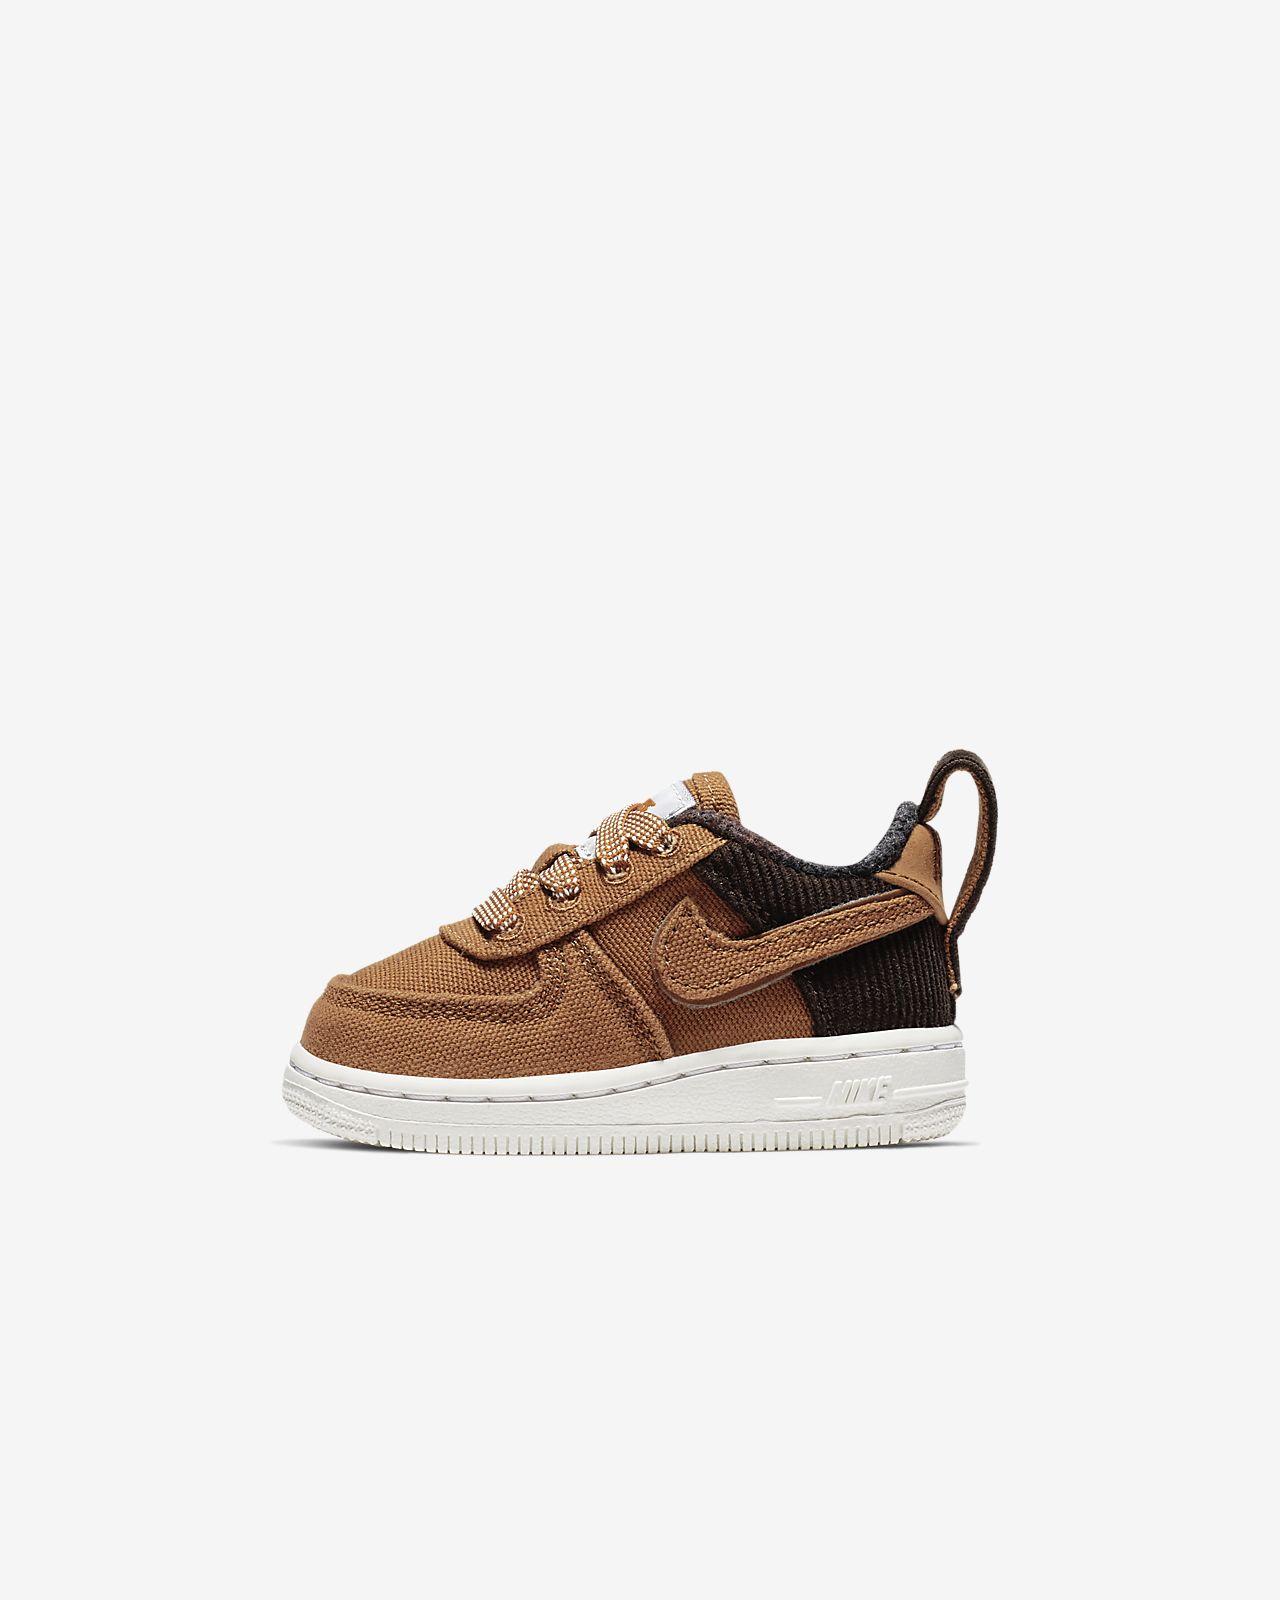 Wip Force Bébé Et Nike 1 Pour Premium Chaussure Enfant Petit 7yb6gf